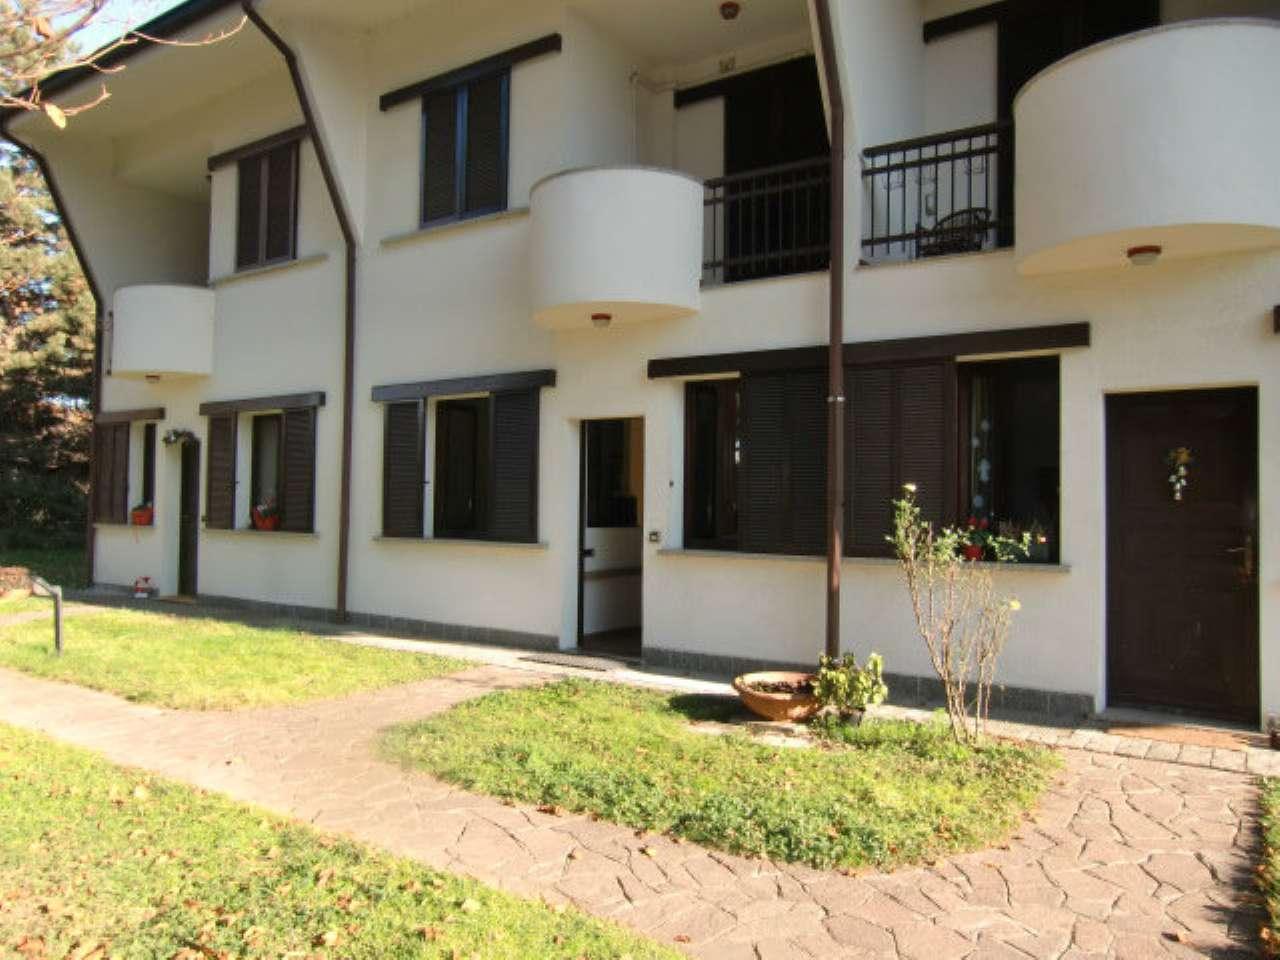 Palazzo / Stabile in vendita a Cesano Maderno, 4 locali, prezzo € 310.000 | CambioCasa.it